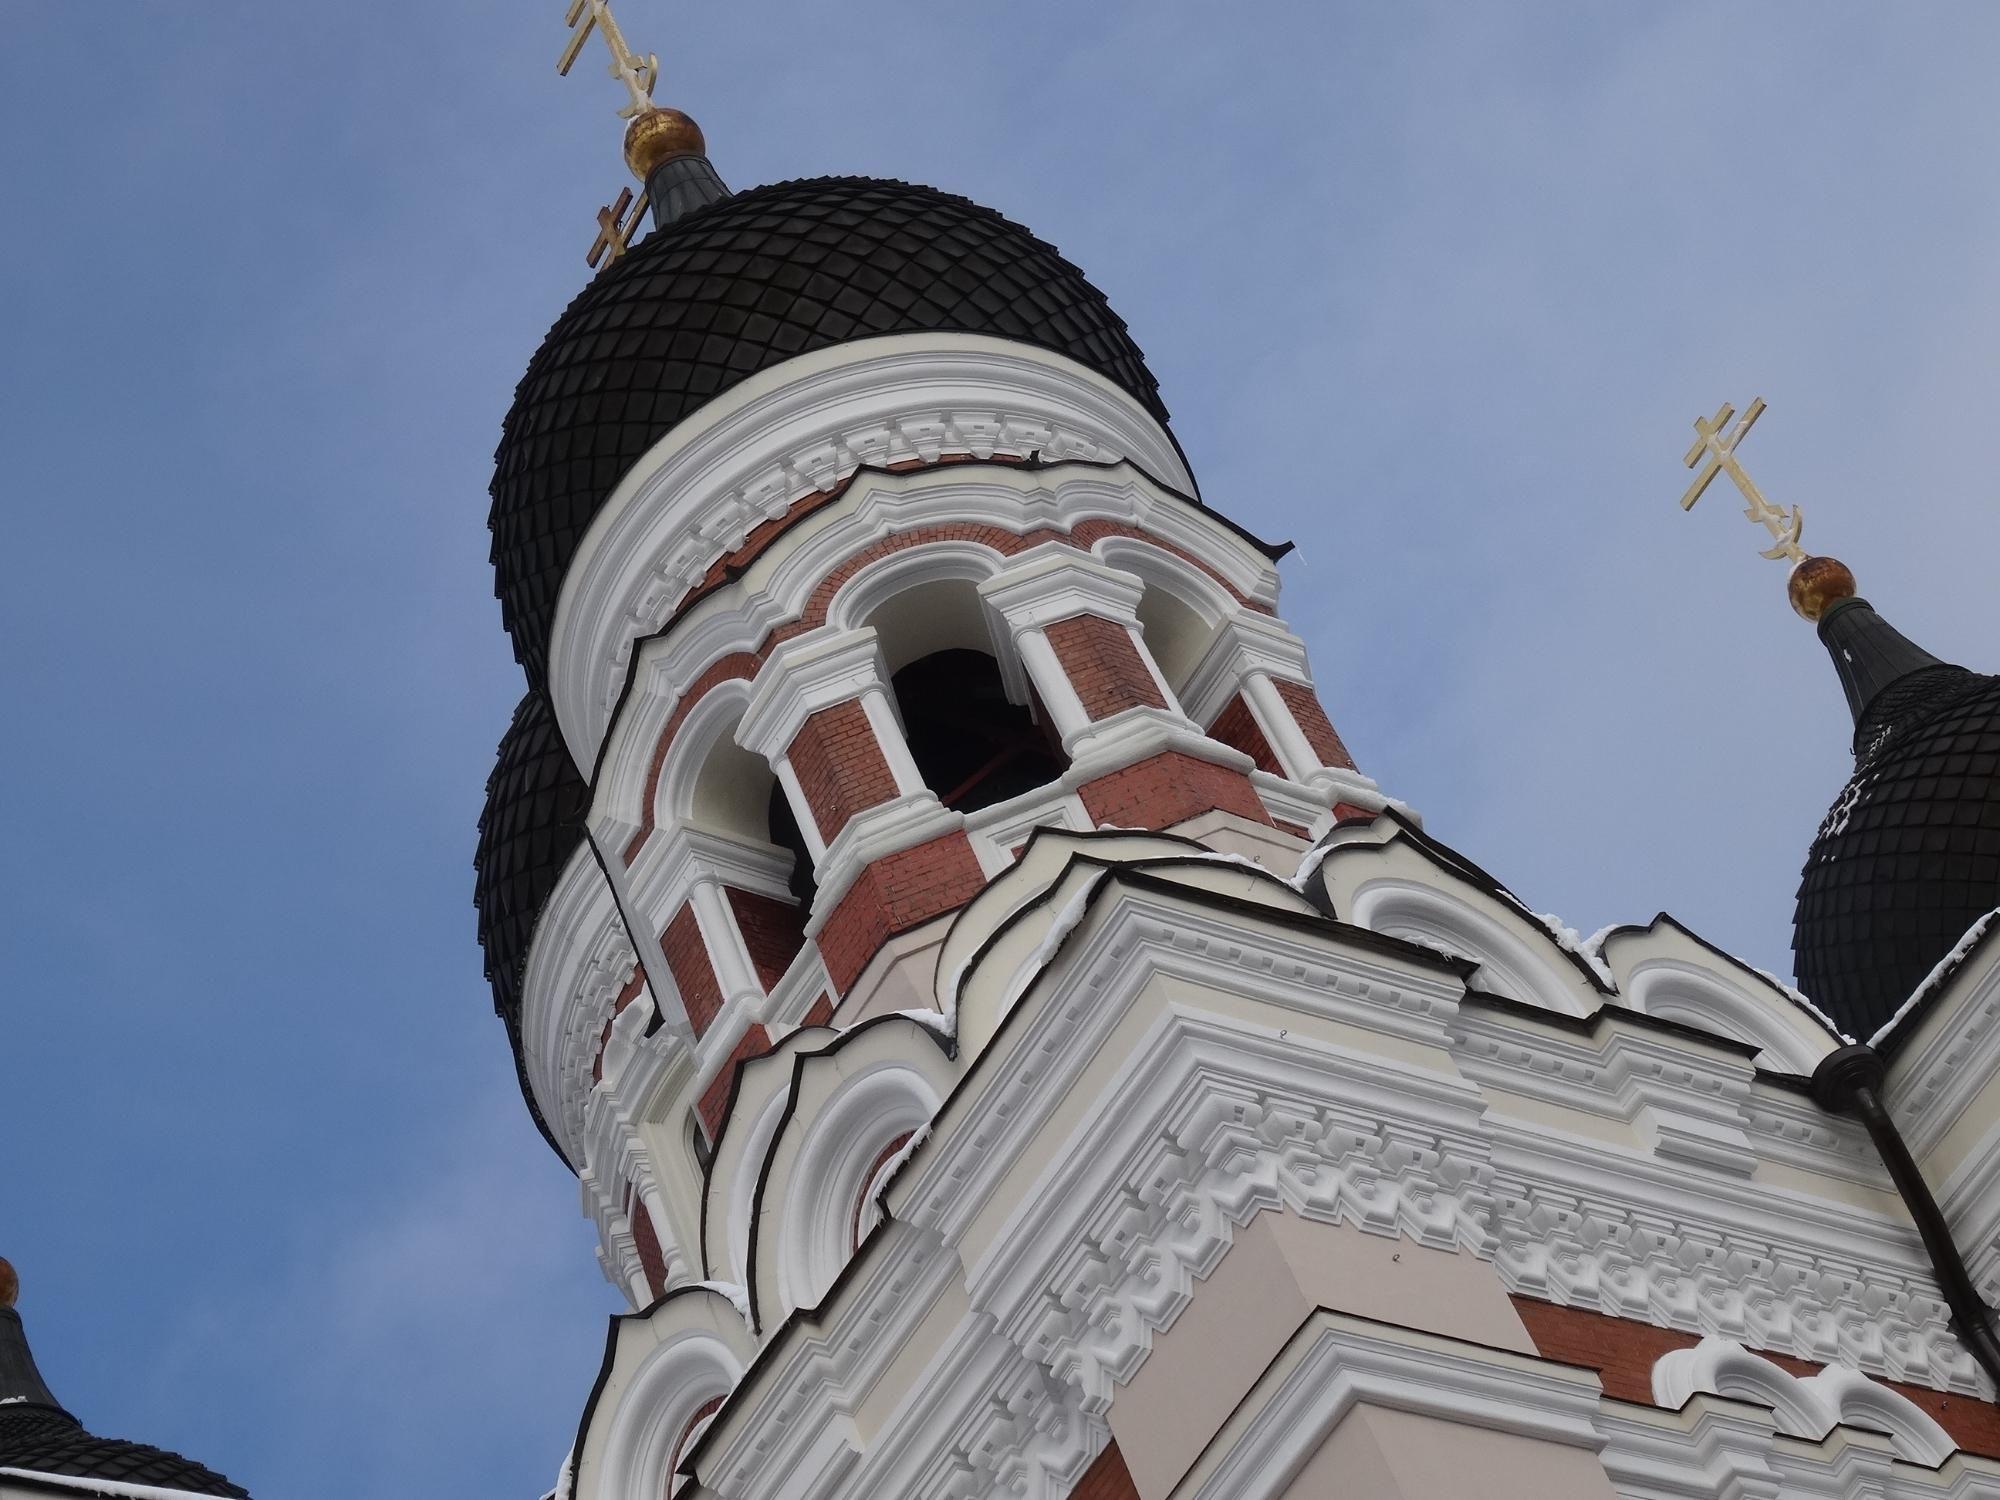 Tekemistä Tallinnassa